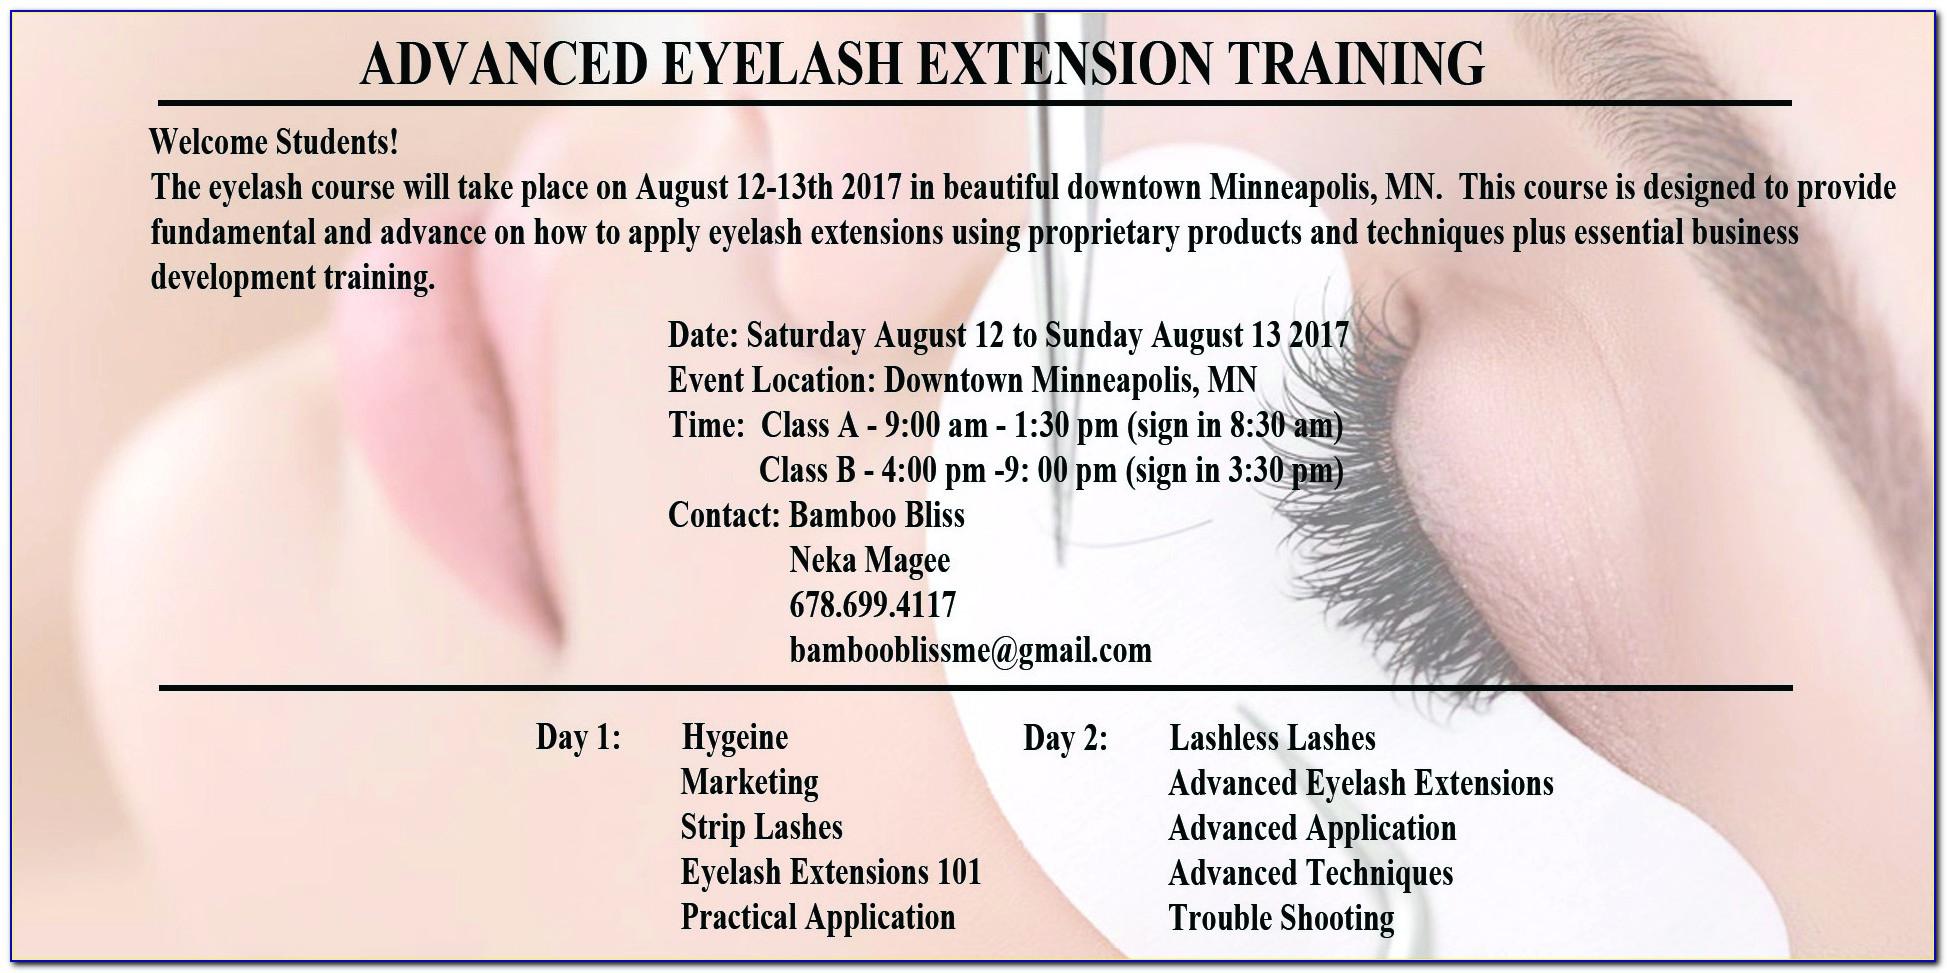 Eyelash Extensions Certification Training Cleveland Ohio